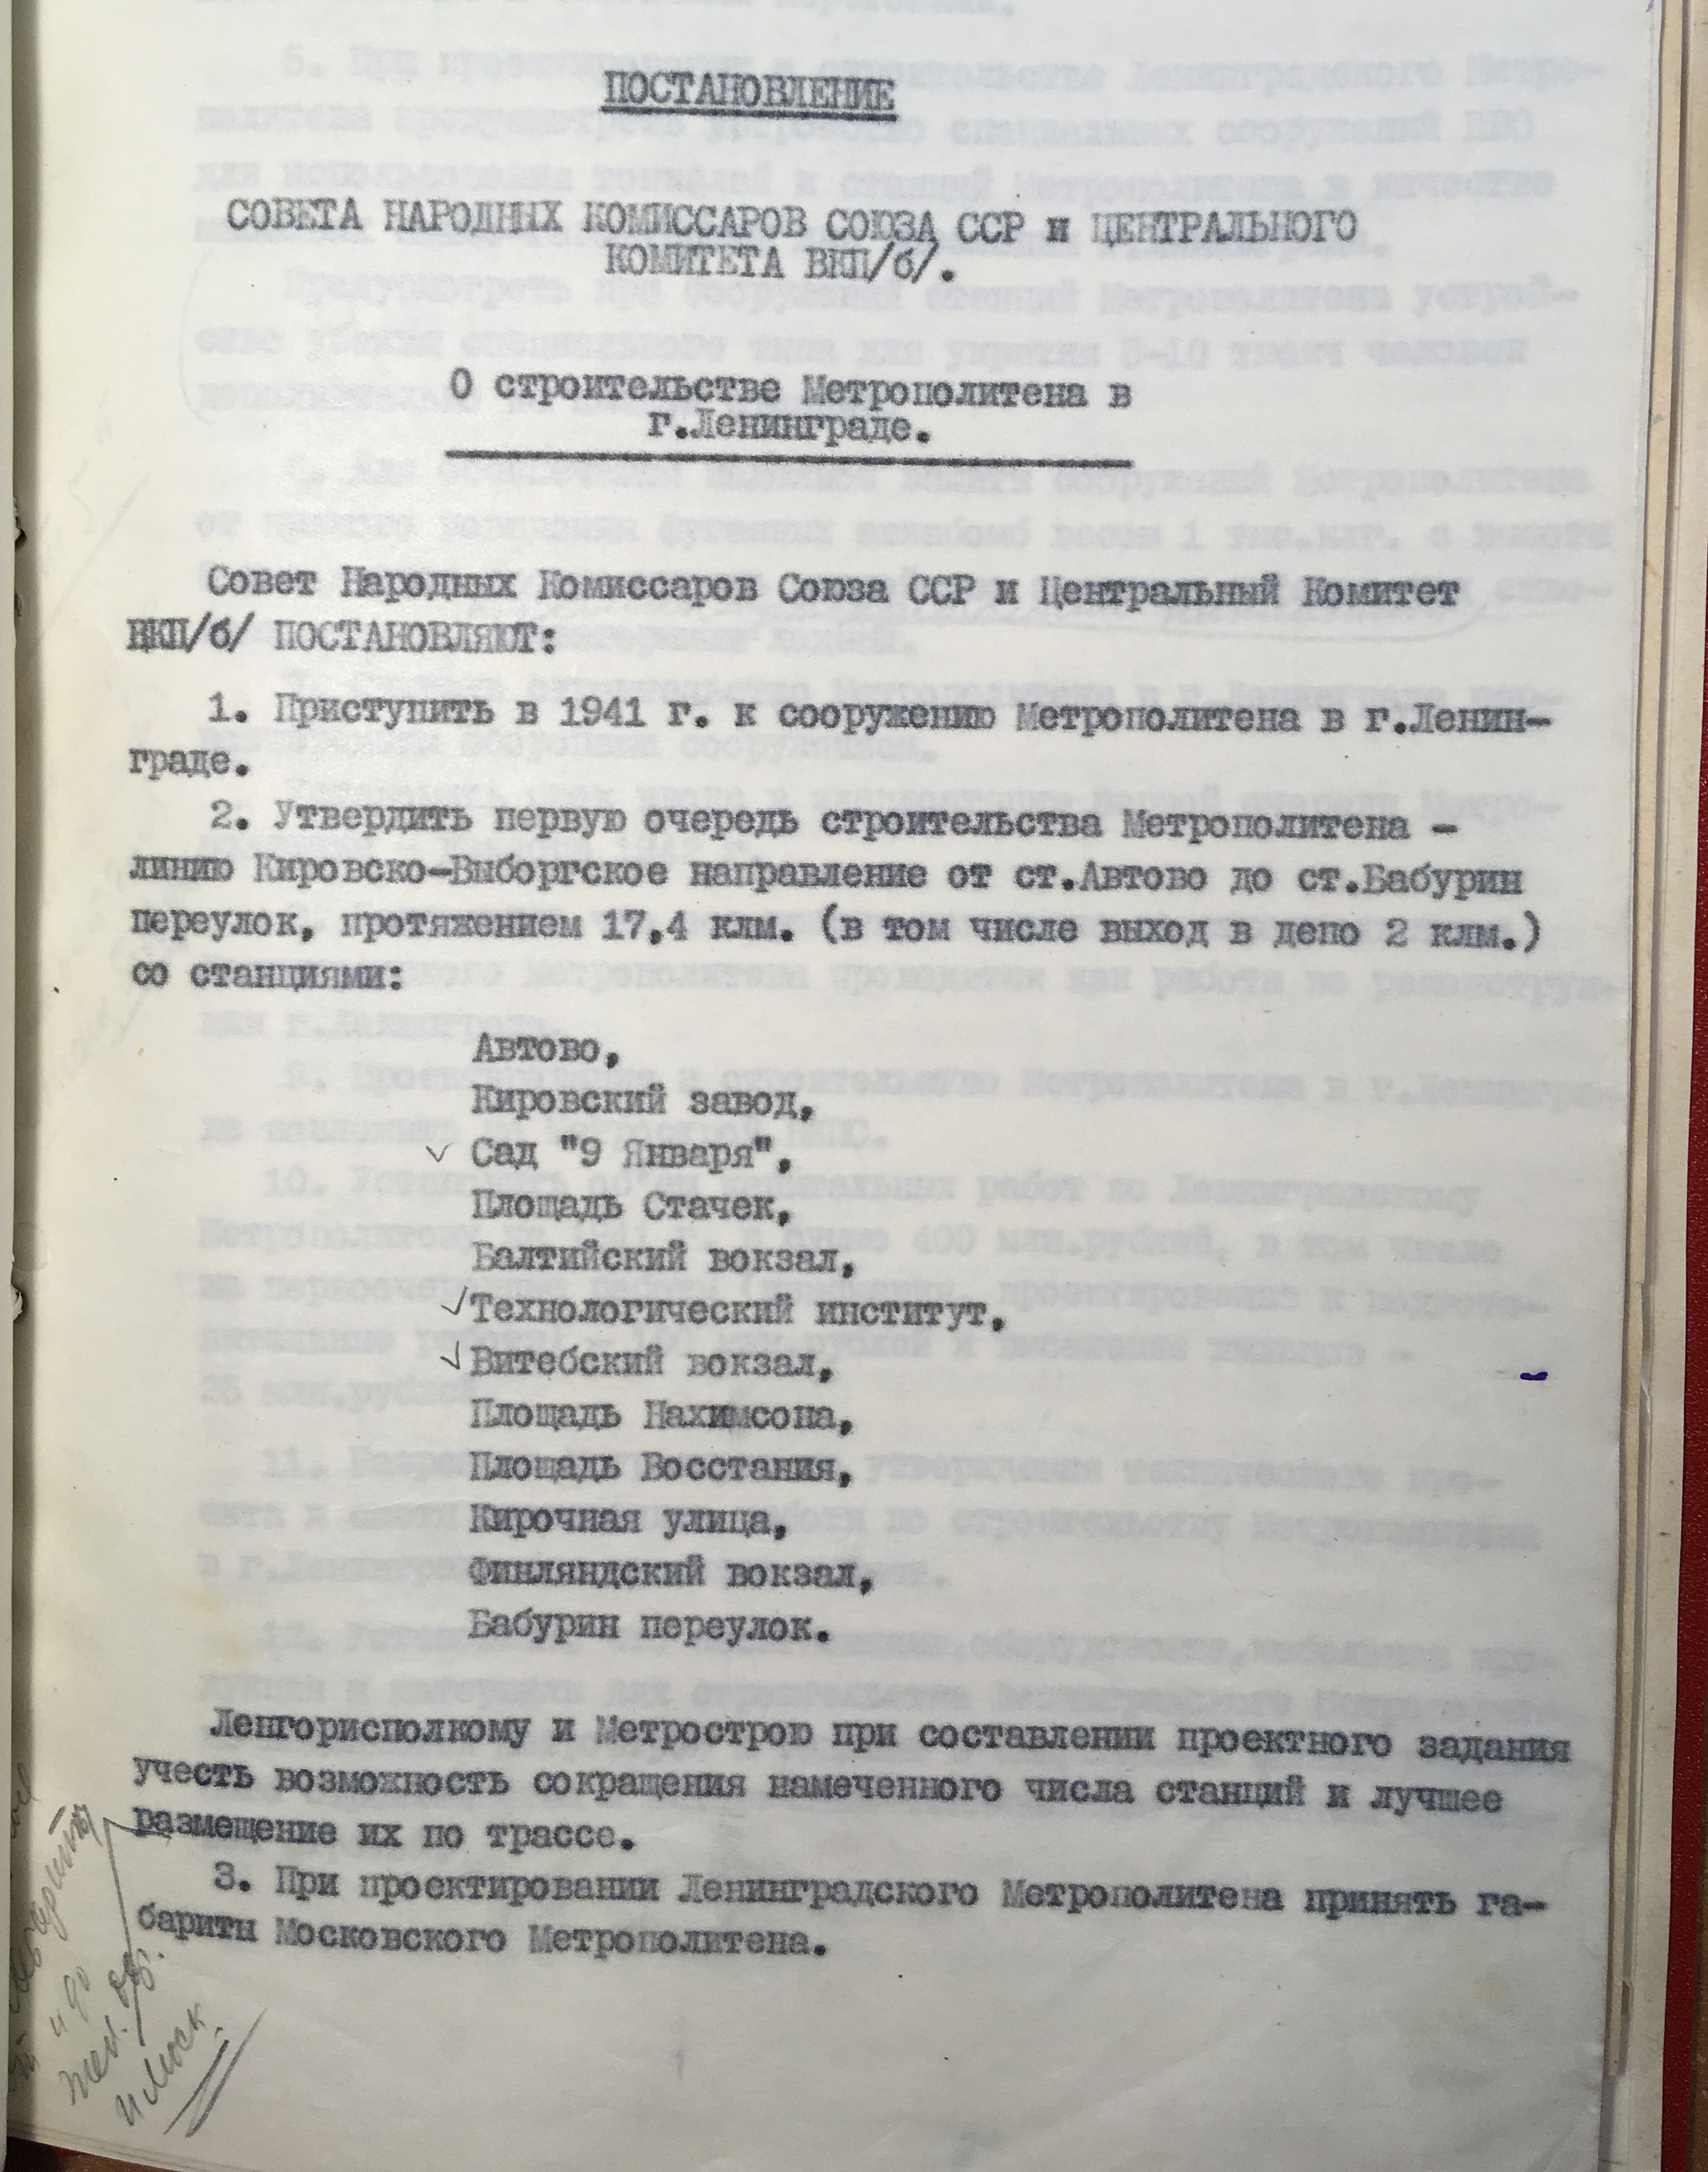 Проект постановления о строительстве метрополитена в Ленинграде, 1940 год